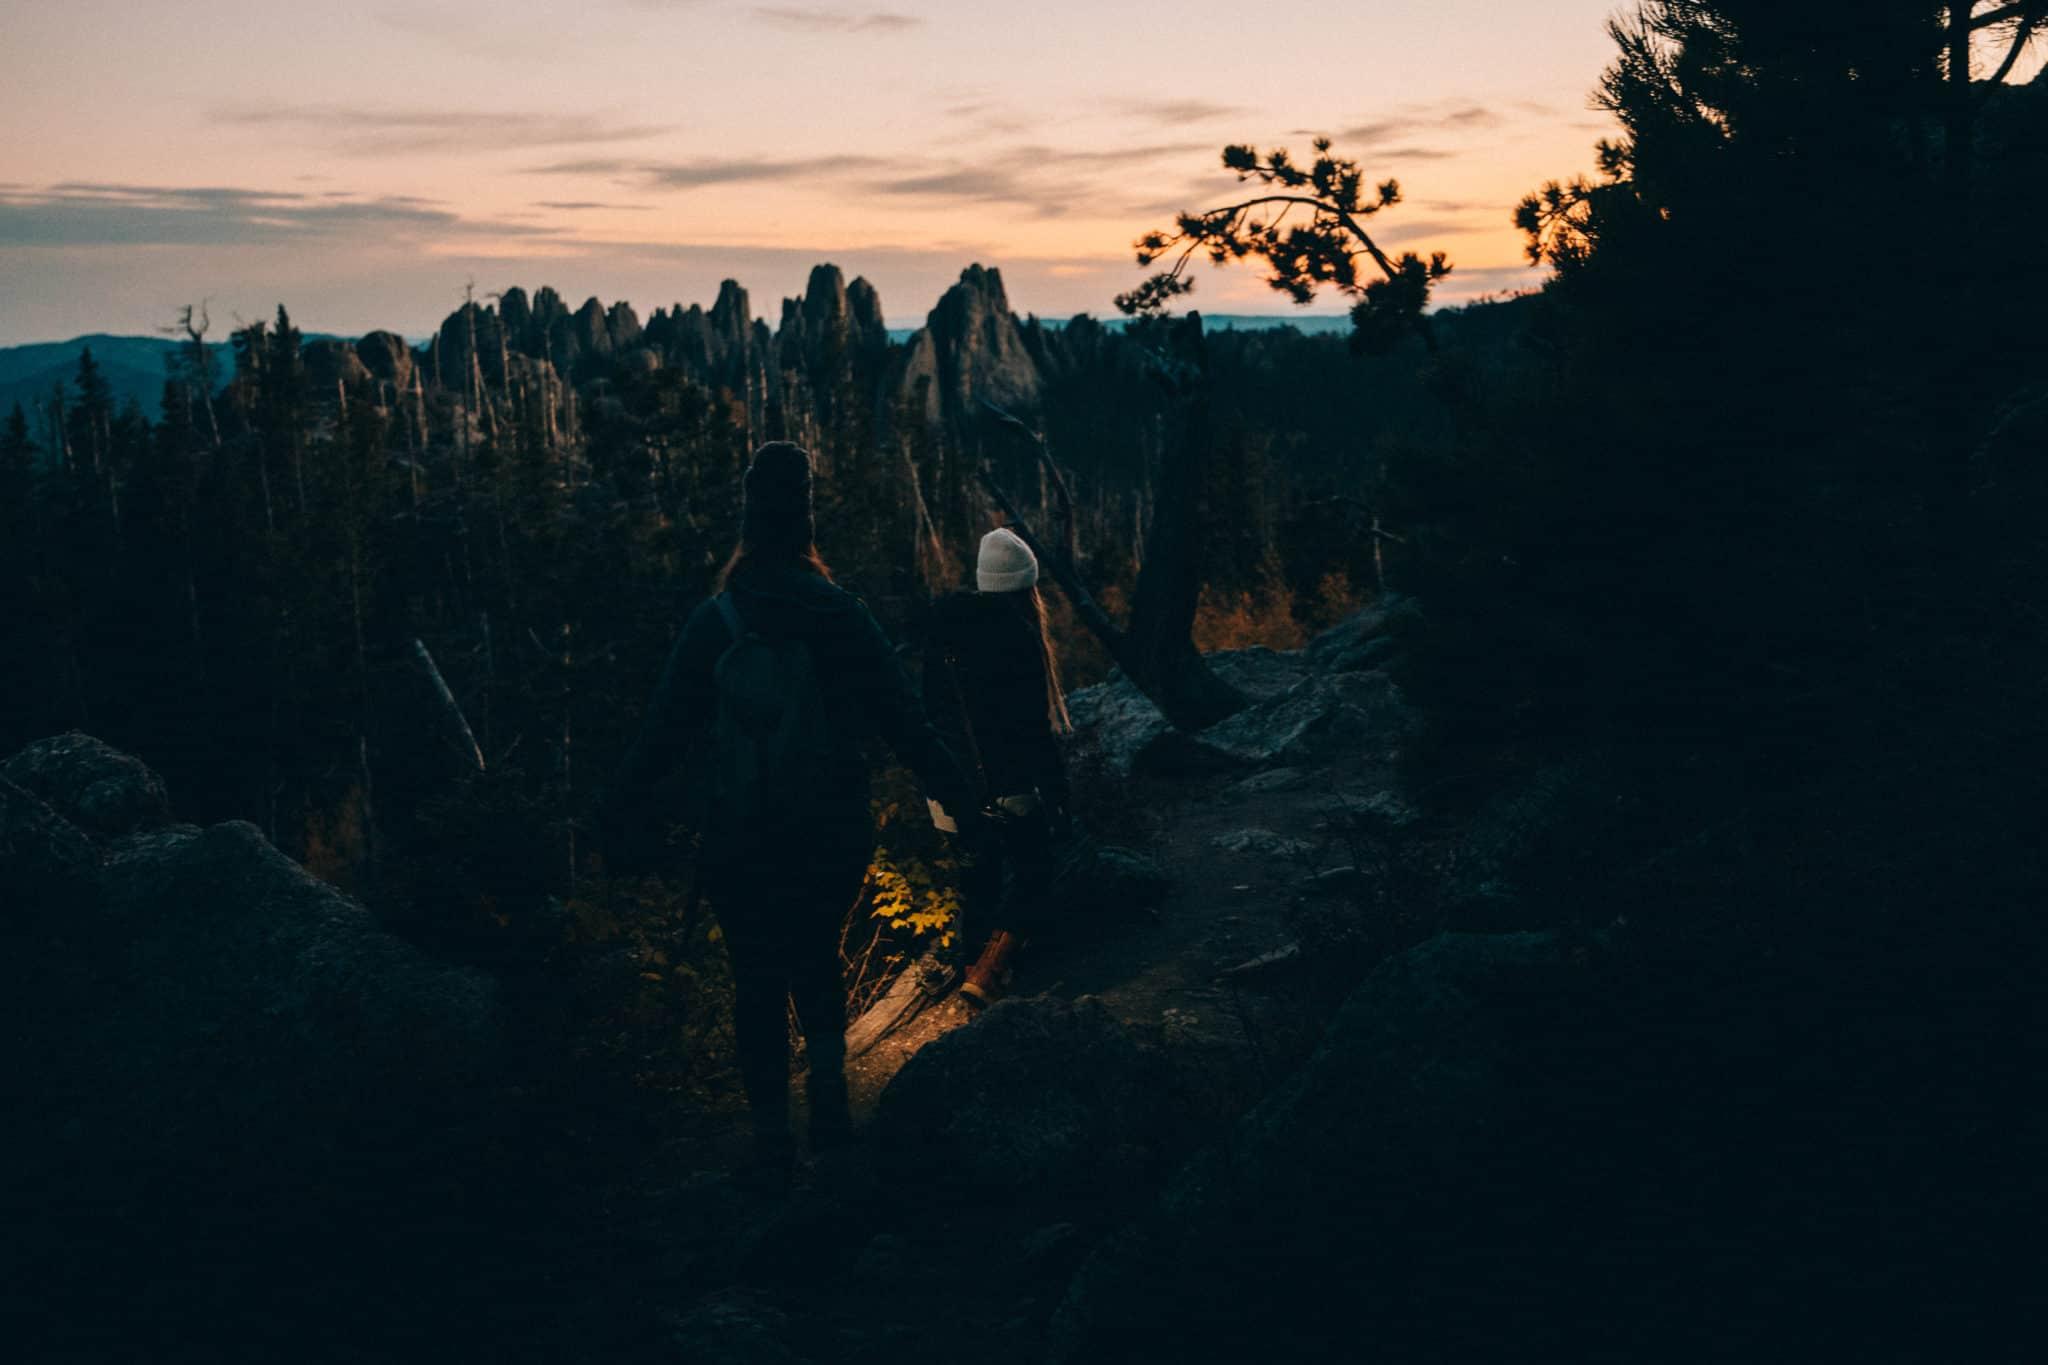 Descending Black Elk Trail after sunset in the dark